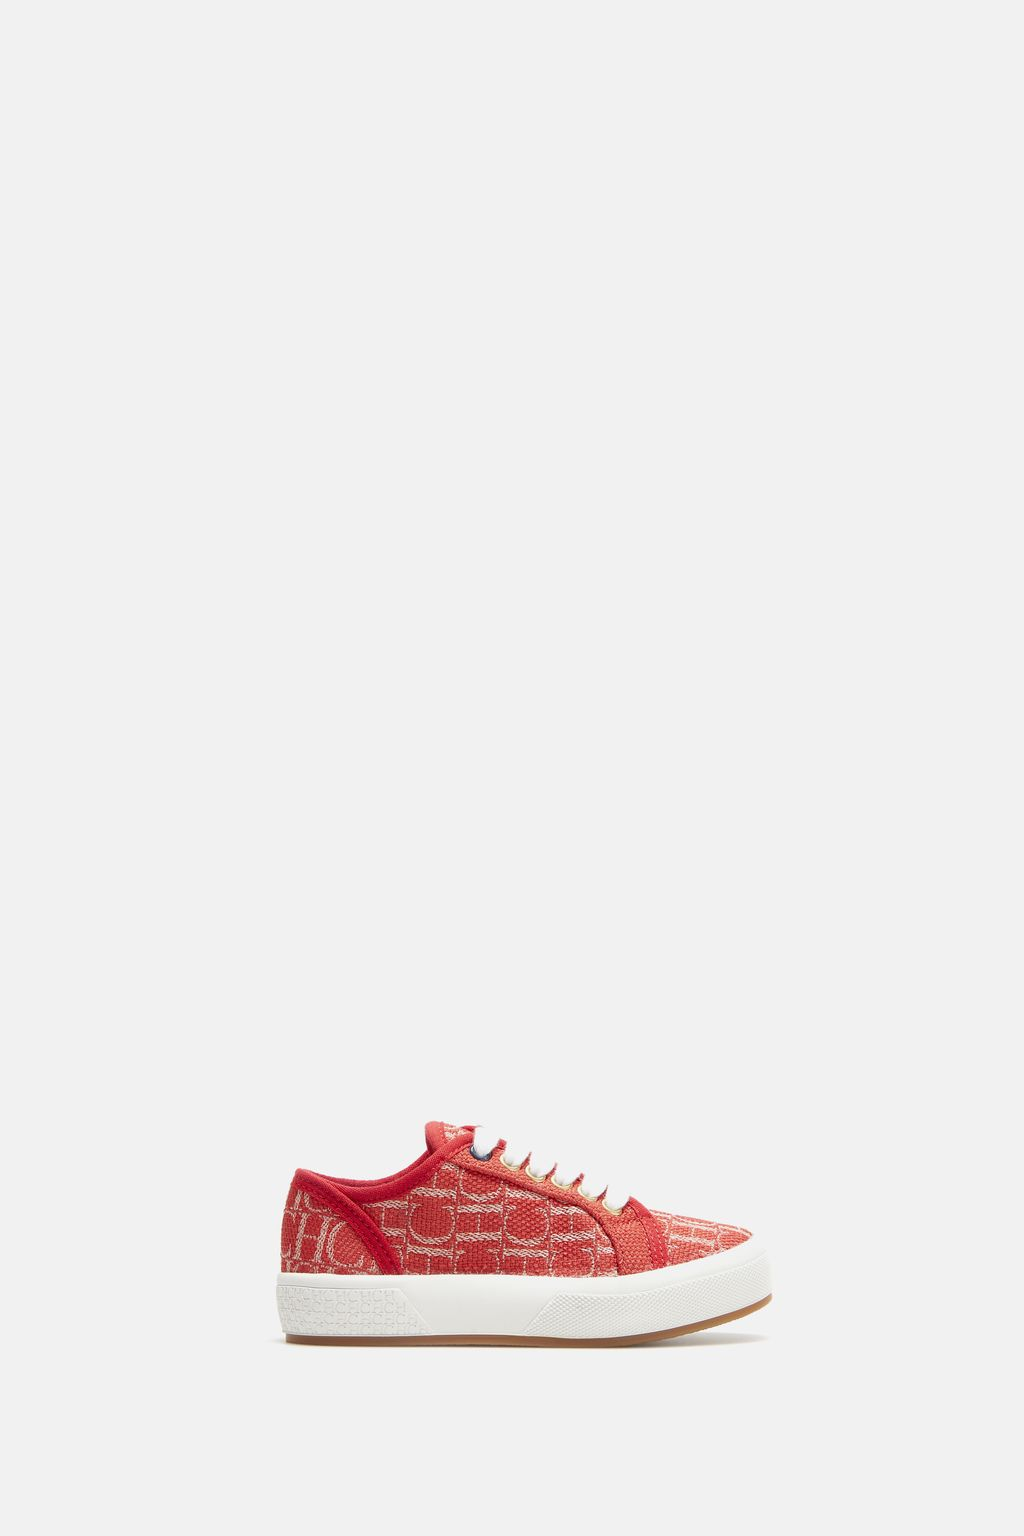 Triana canvas Bamba sneakers